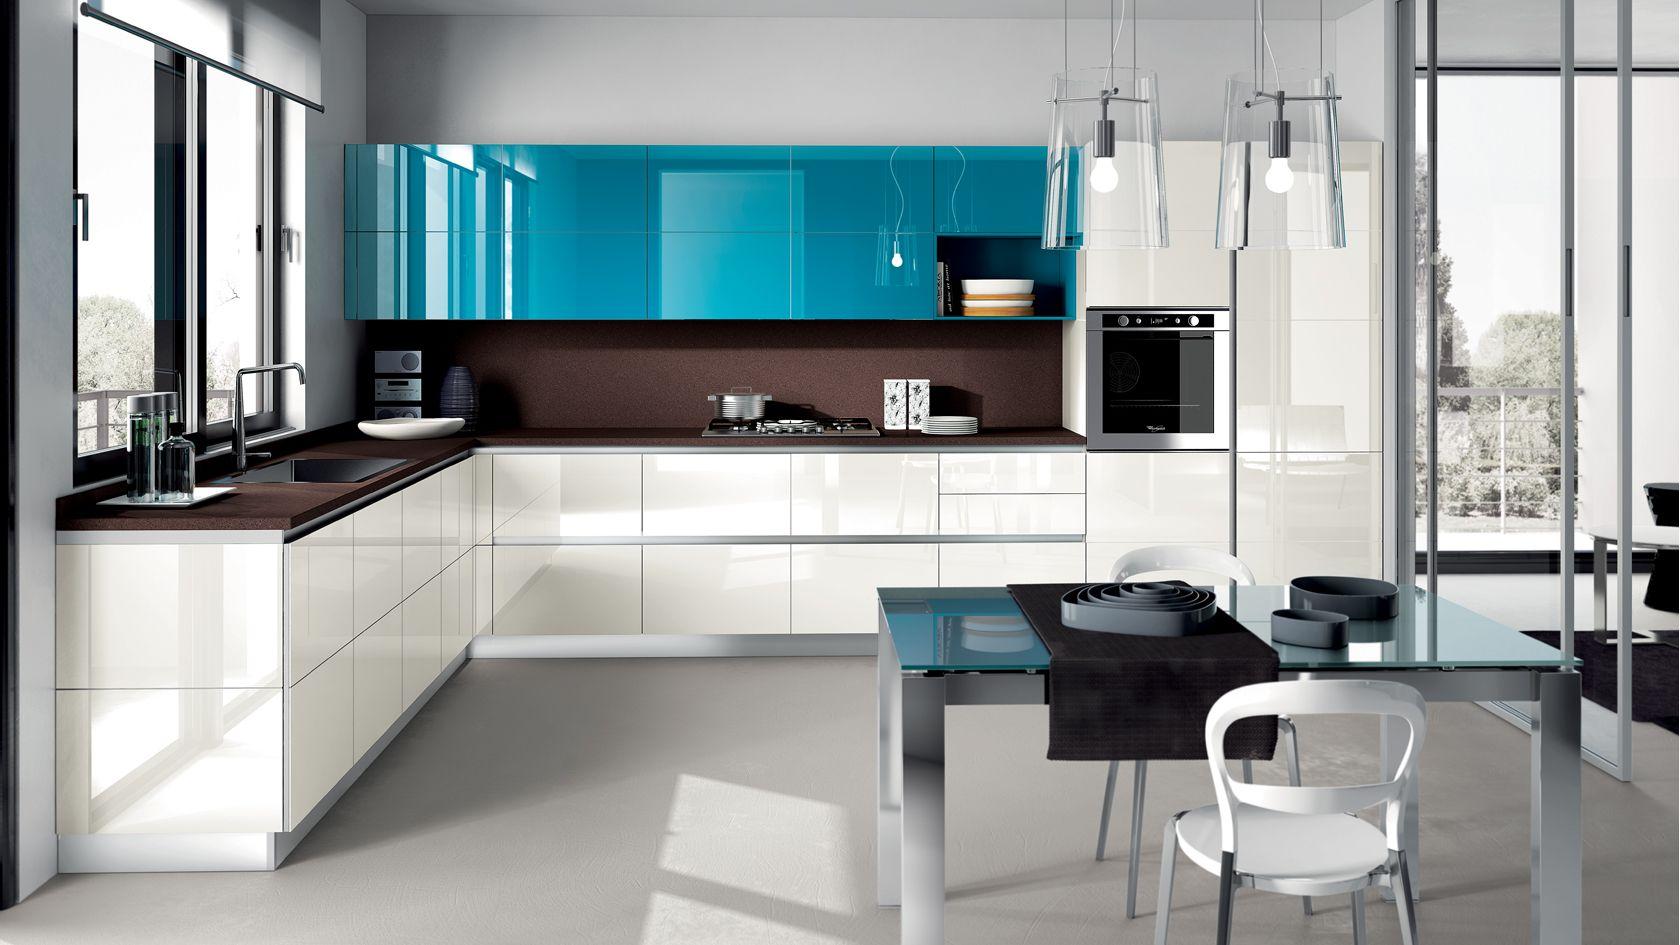 Cozinha planejada azul tiffany